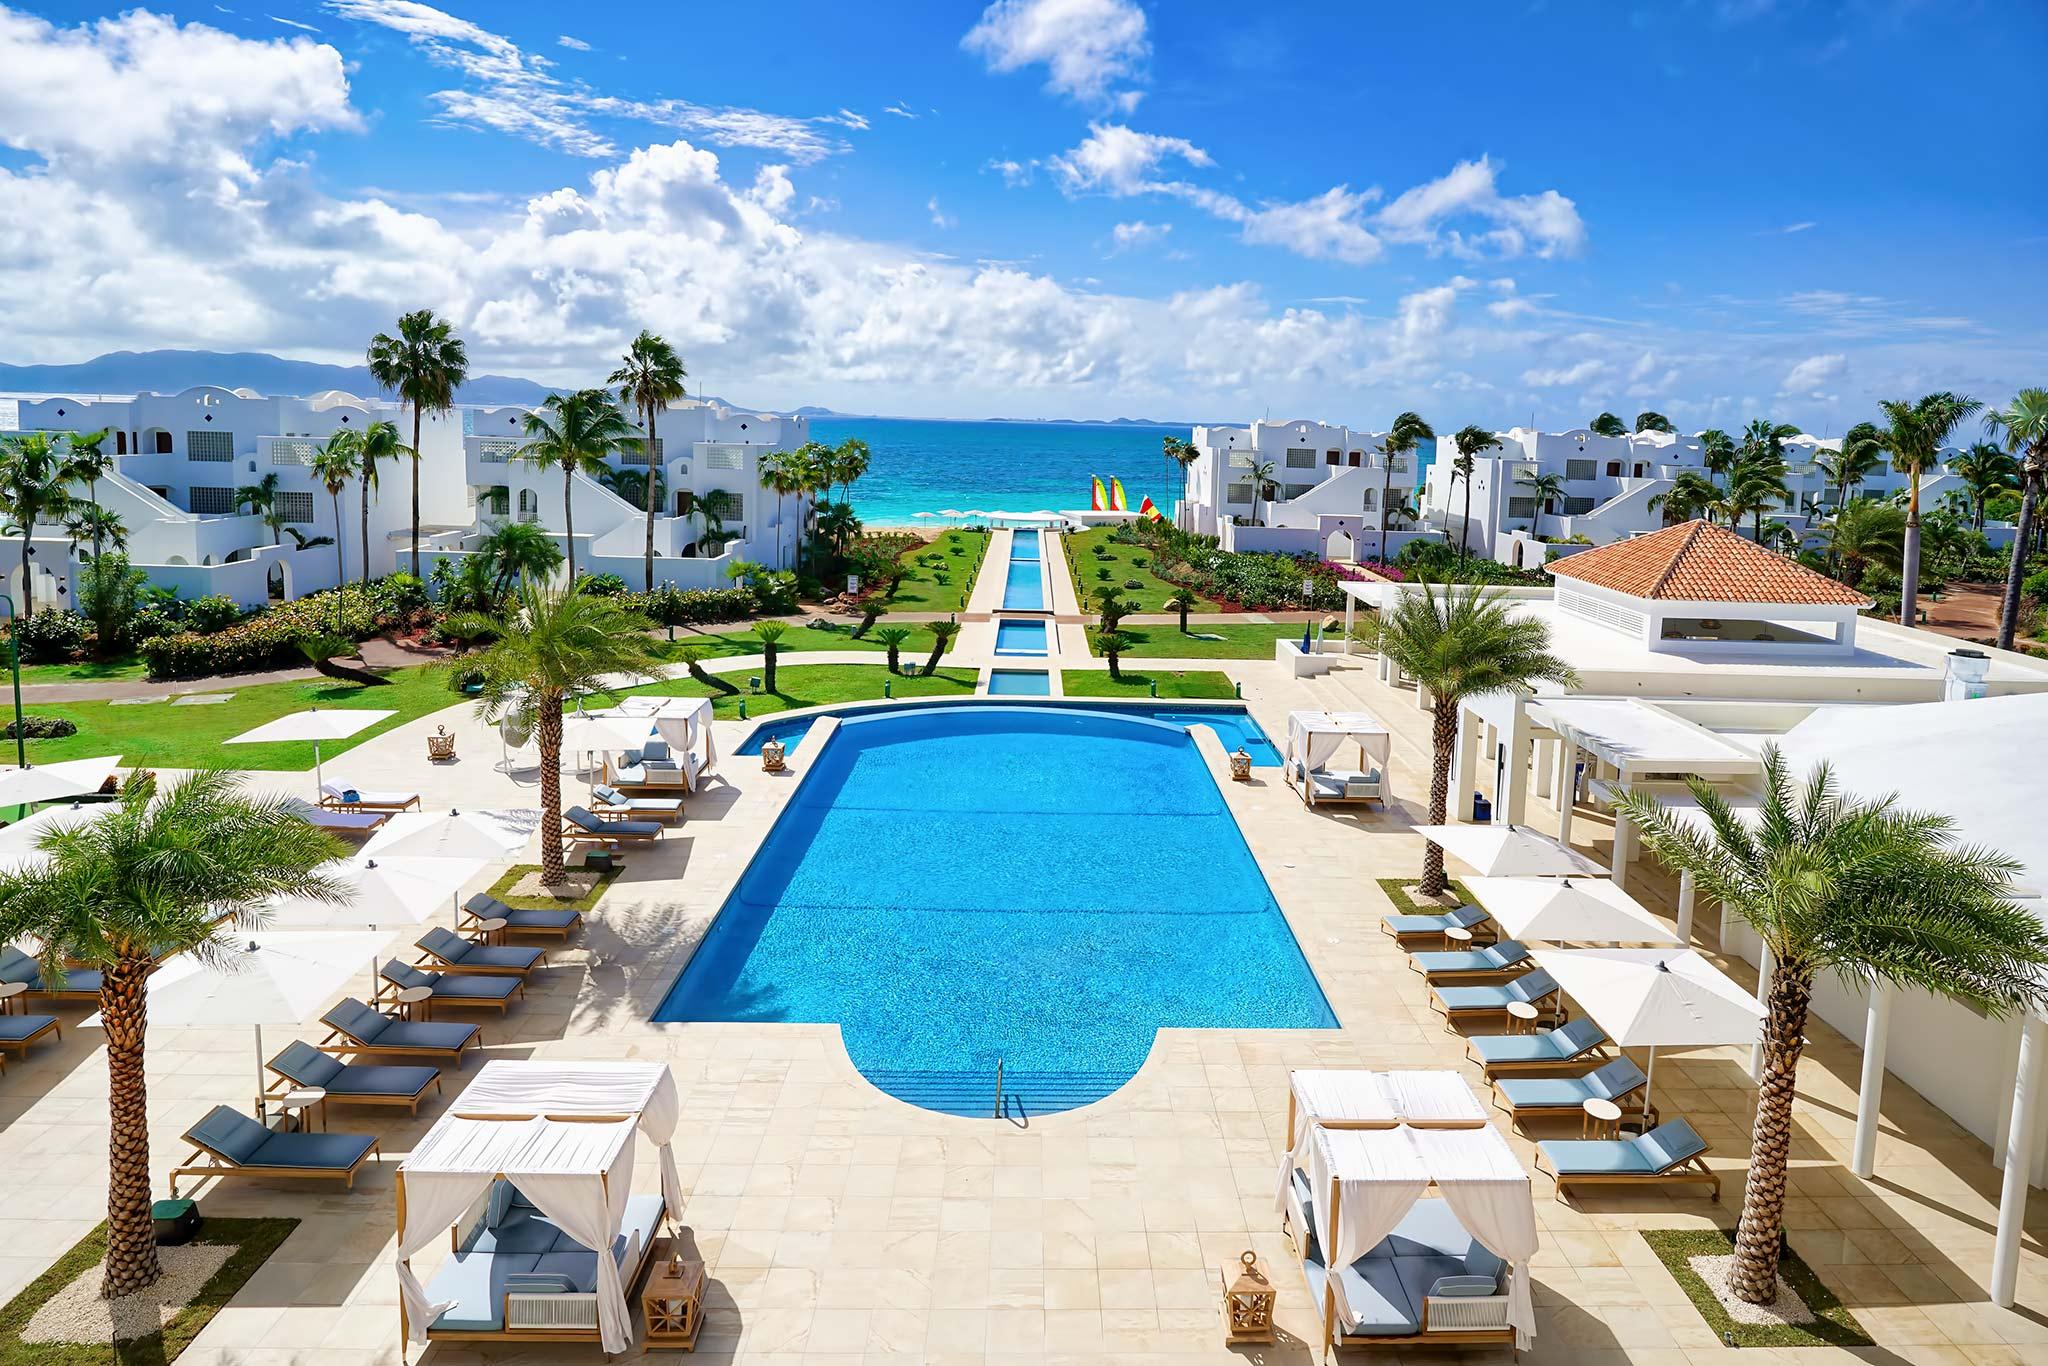 pool-deck1-fp.jpg